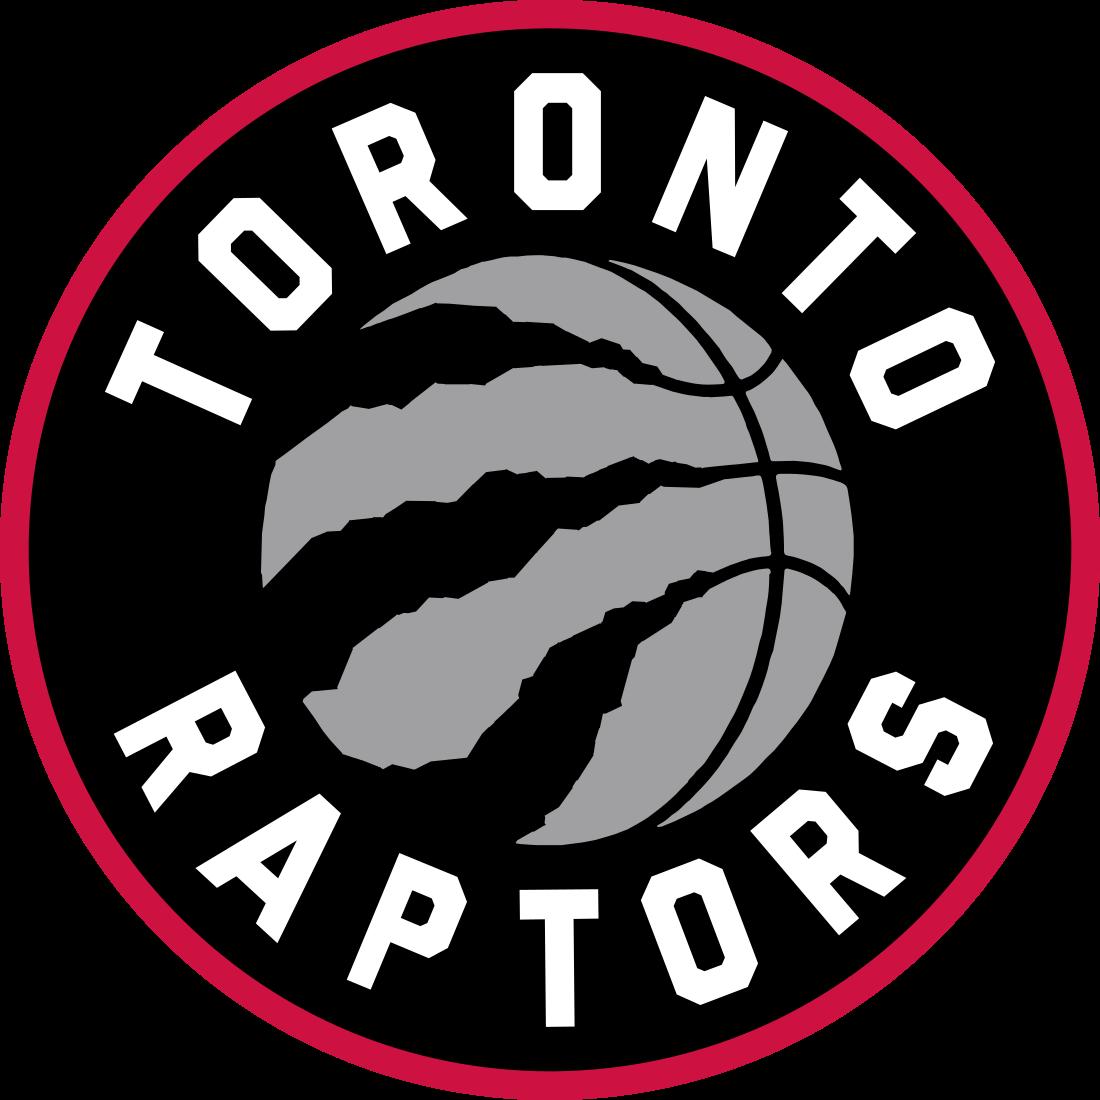 toronto raptors logo 3 - Toronto Raptors Logo